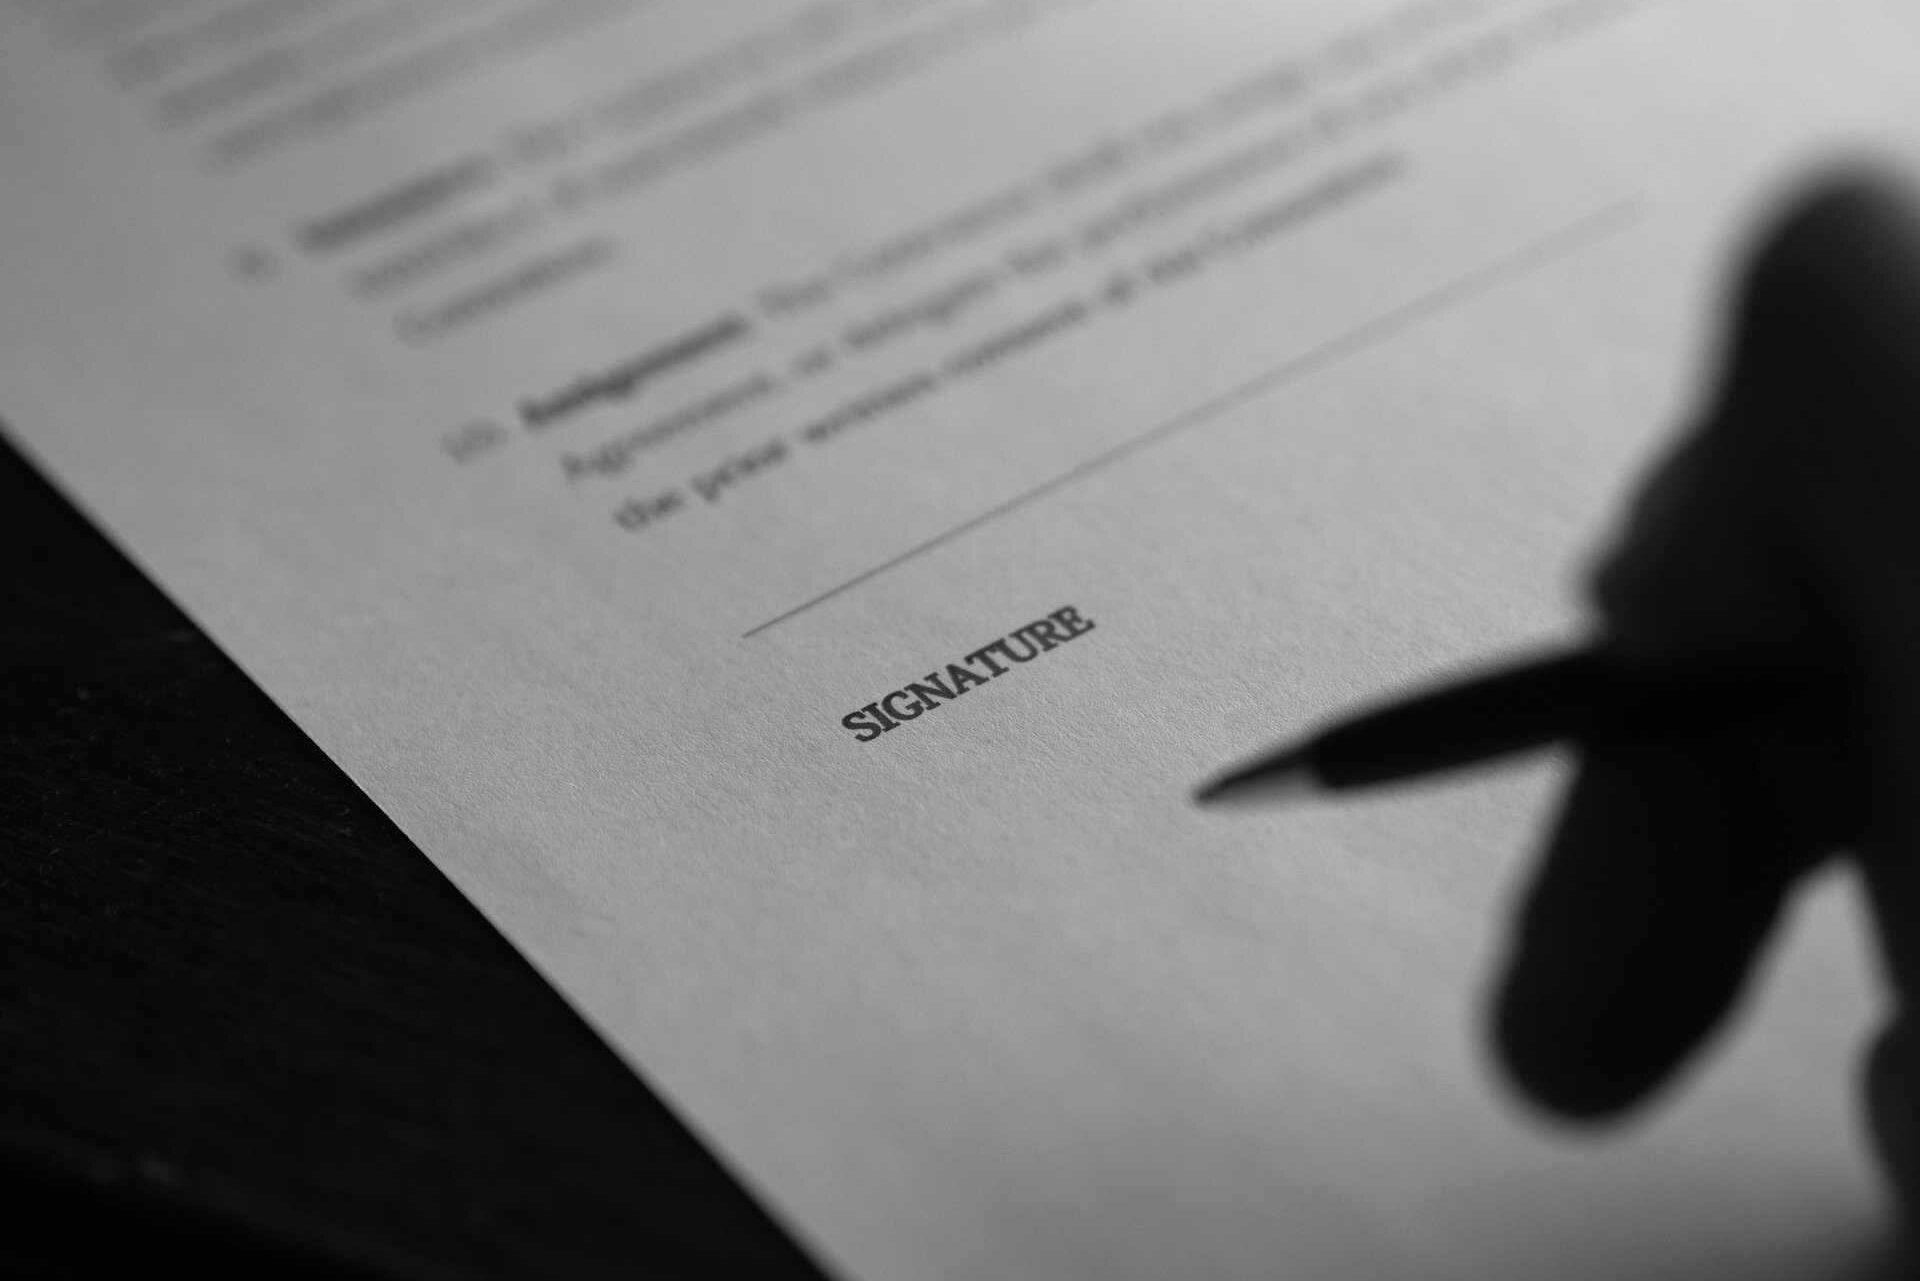 Vertrag beim Unterschreiben